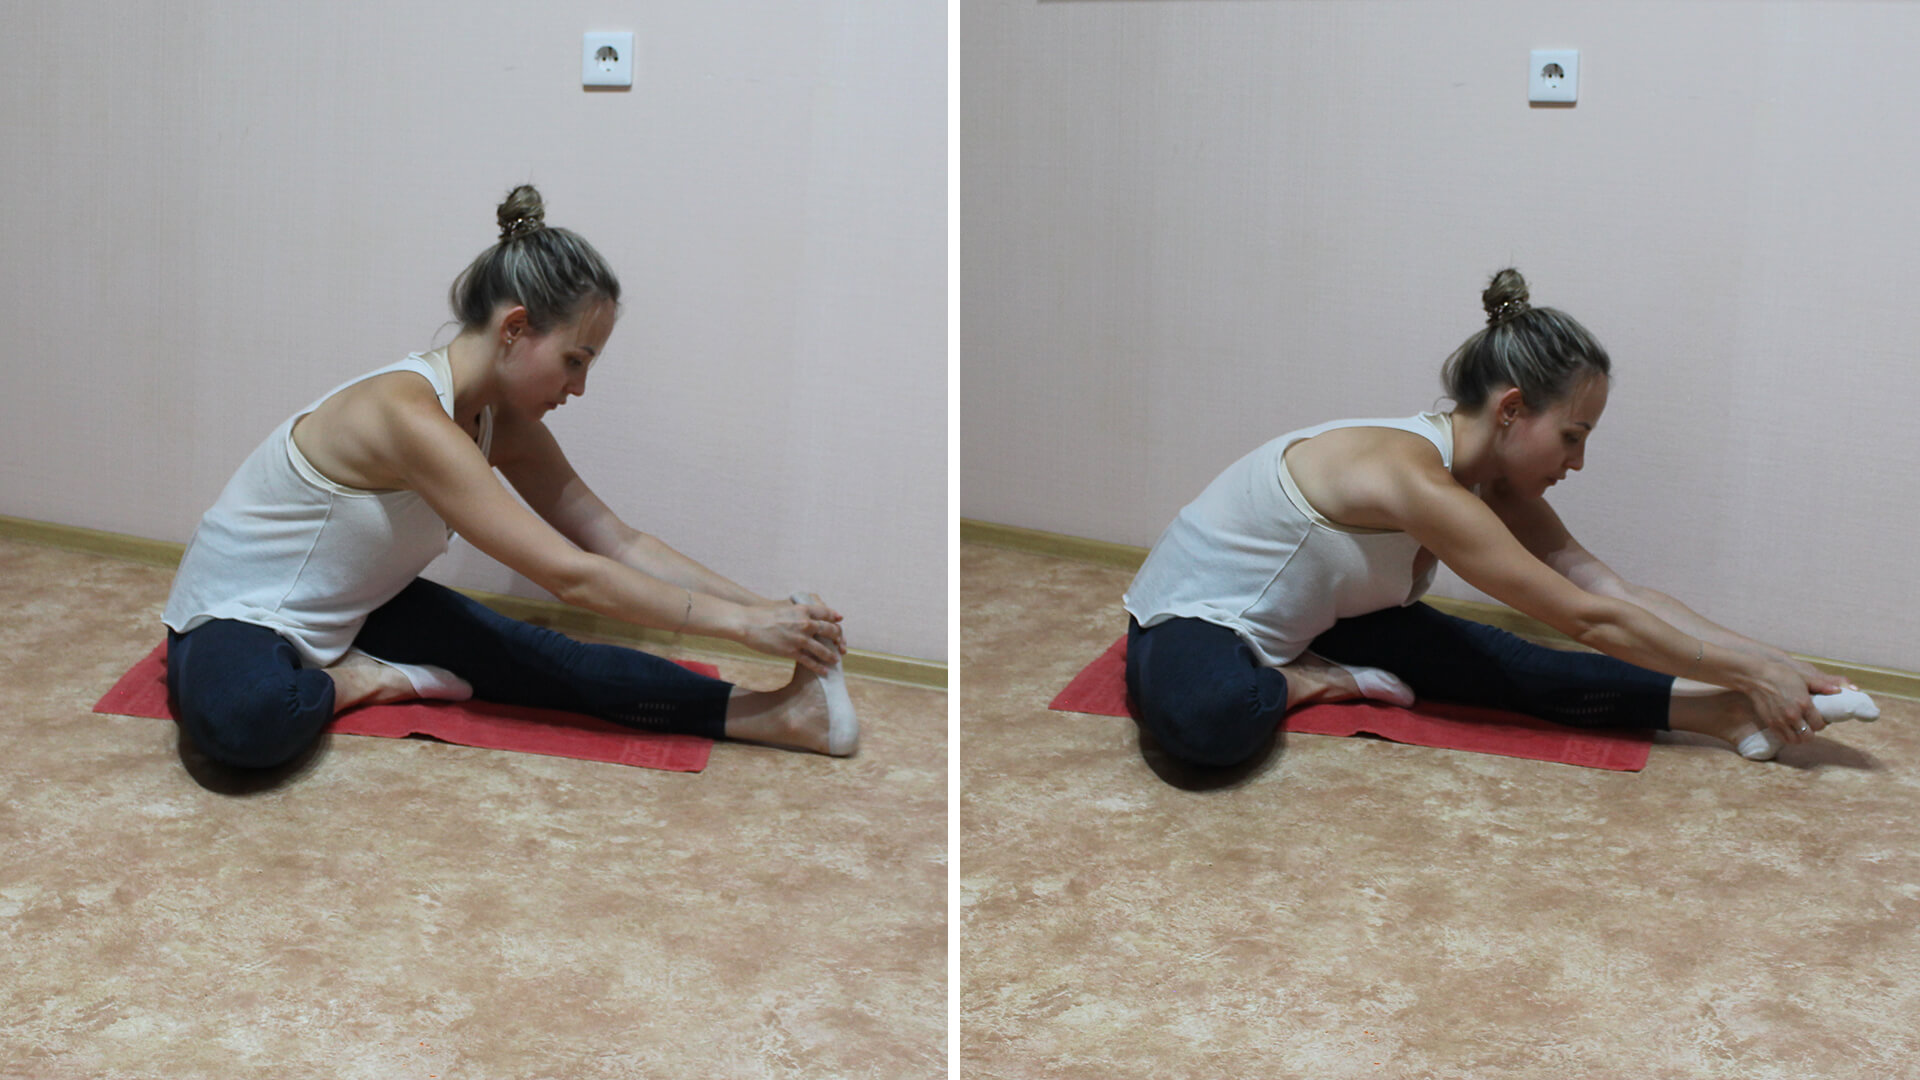 Наклон сидя на ягодицах по одной ноге: фото упражнения